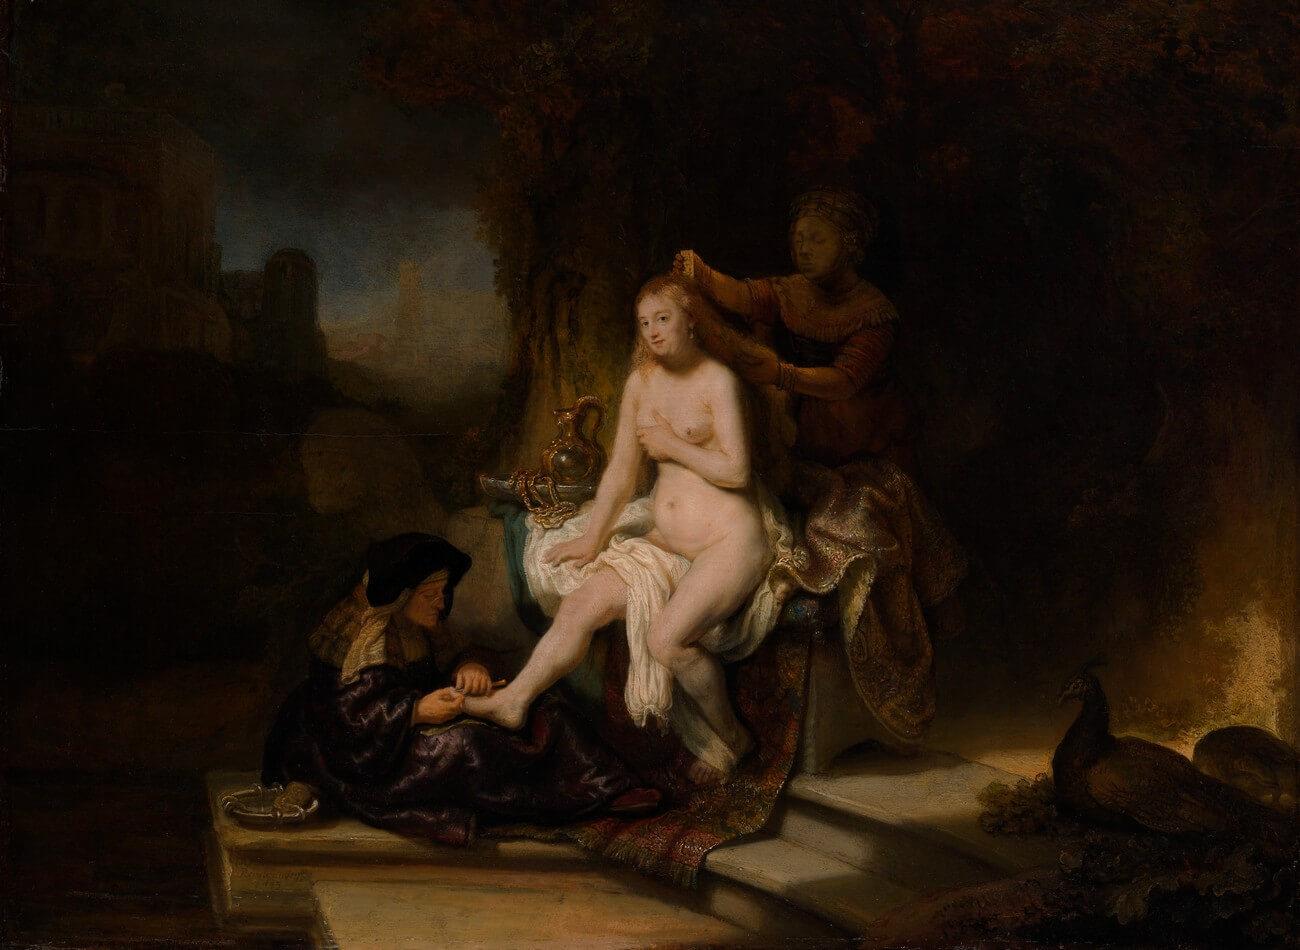 Rembrandt. La toilette de Bethsabée, 1643. Baudelaire. Brieven aan zijn moeder. Vertalingen Vivienne Stringa